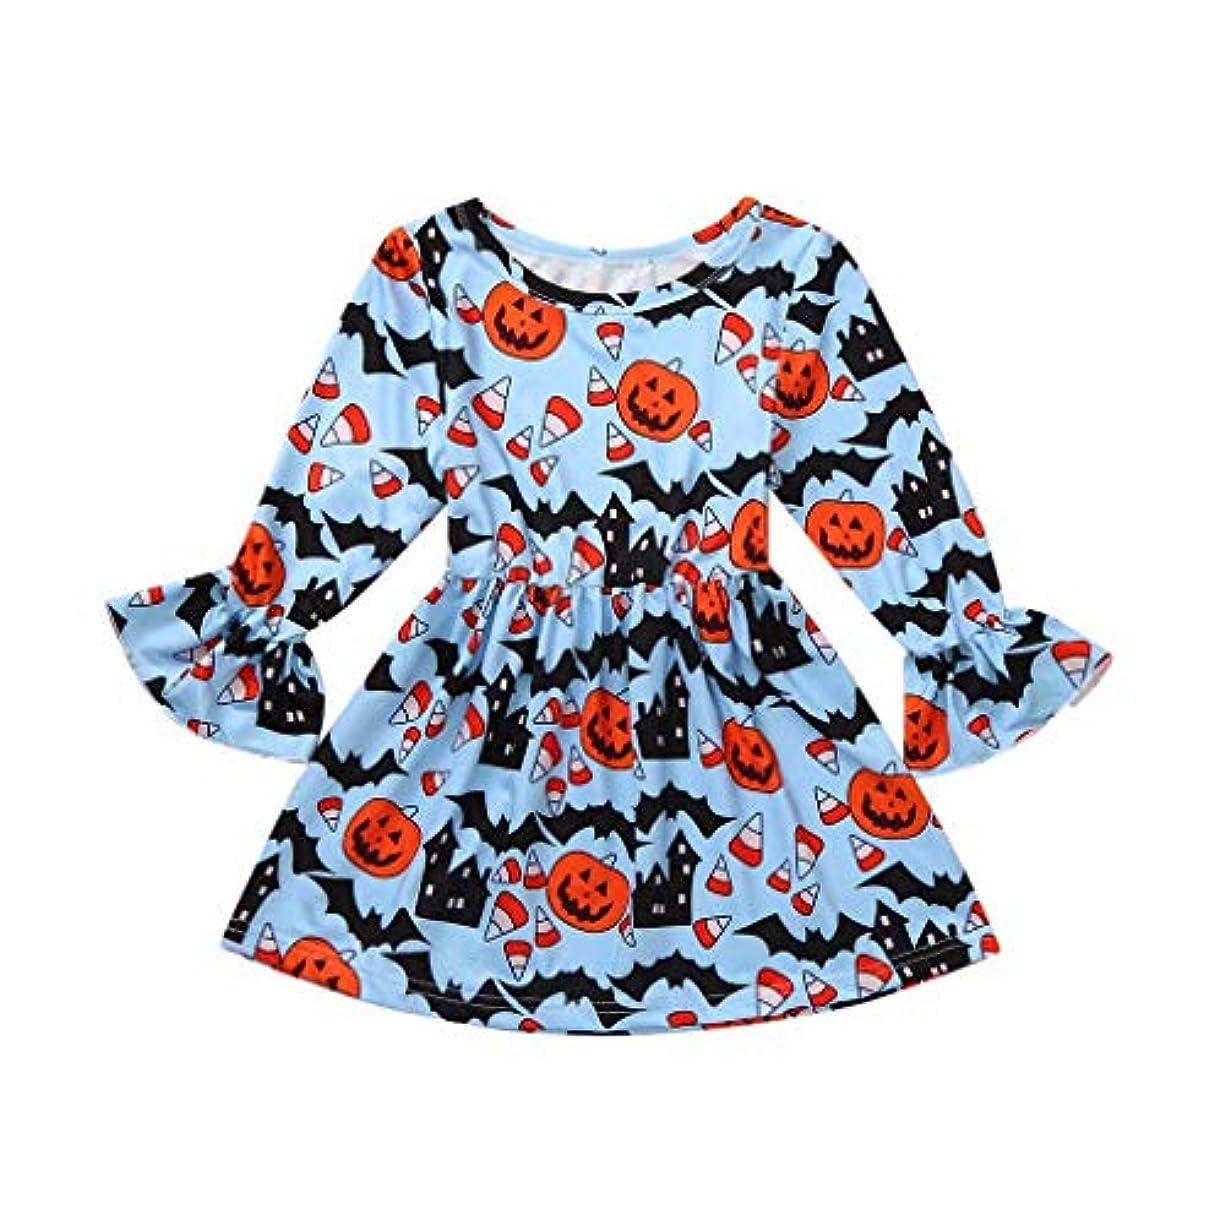 確執個人的に剃るMISFIY 新生児 ベビー服 ガールズ 女の子 子供 漫画柄 ドレス プリンセススカート 綿 肌着 ハロウィン Halloween ブルー かわいい 柔らかい 誕生記念 出産祝い